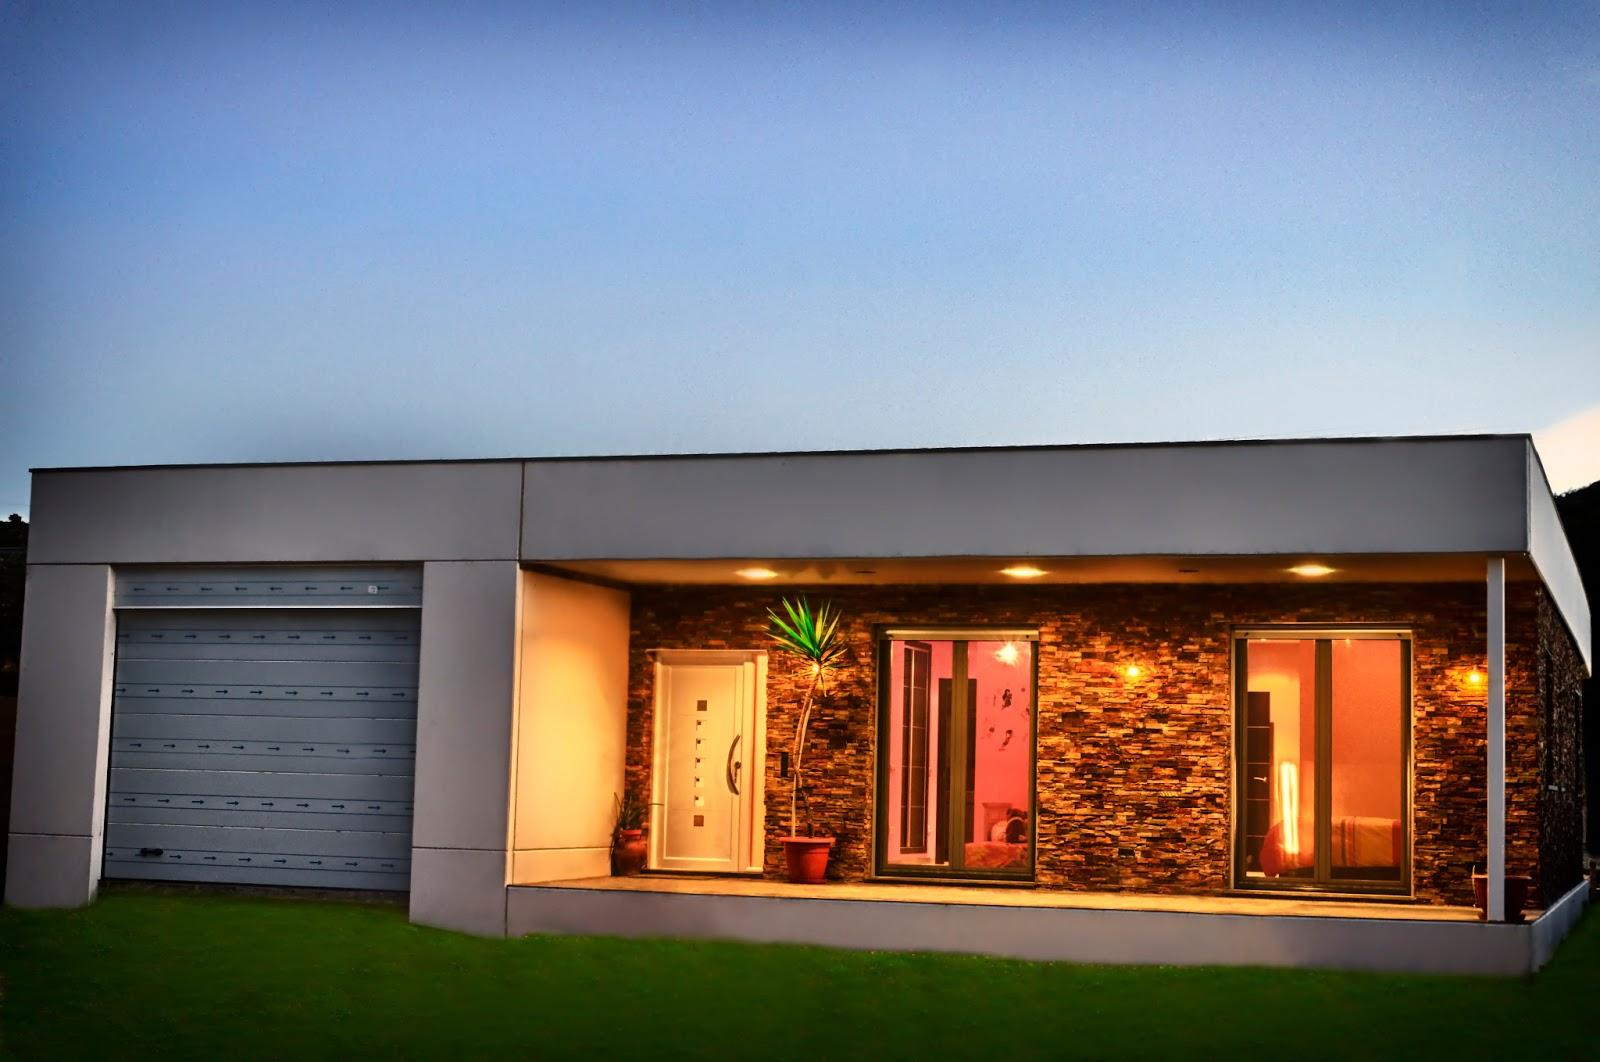 Casas de madera prefabricadas casas prefabricadas de hormigon precios economicos - Precio casa prefabricada ...